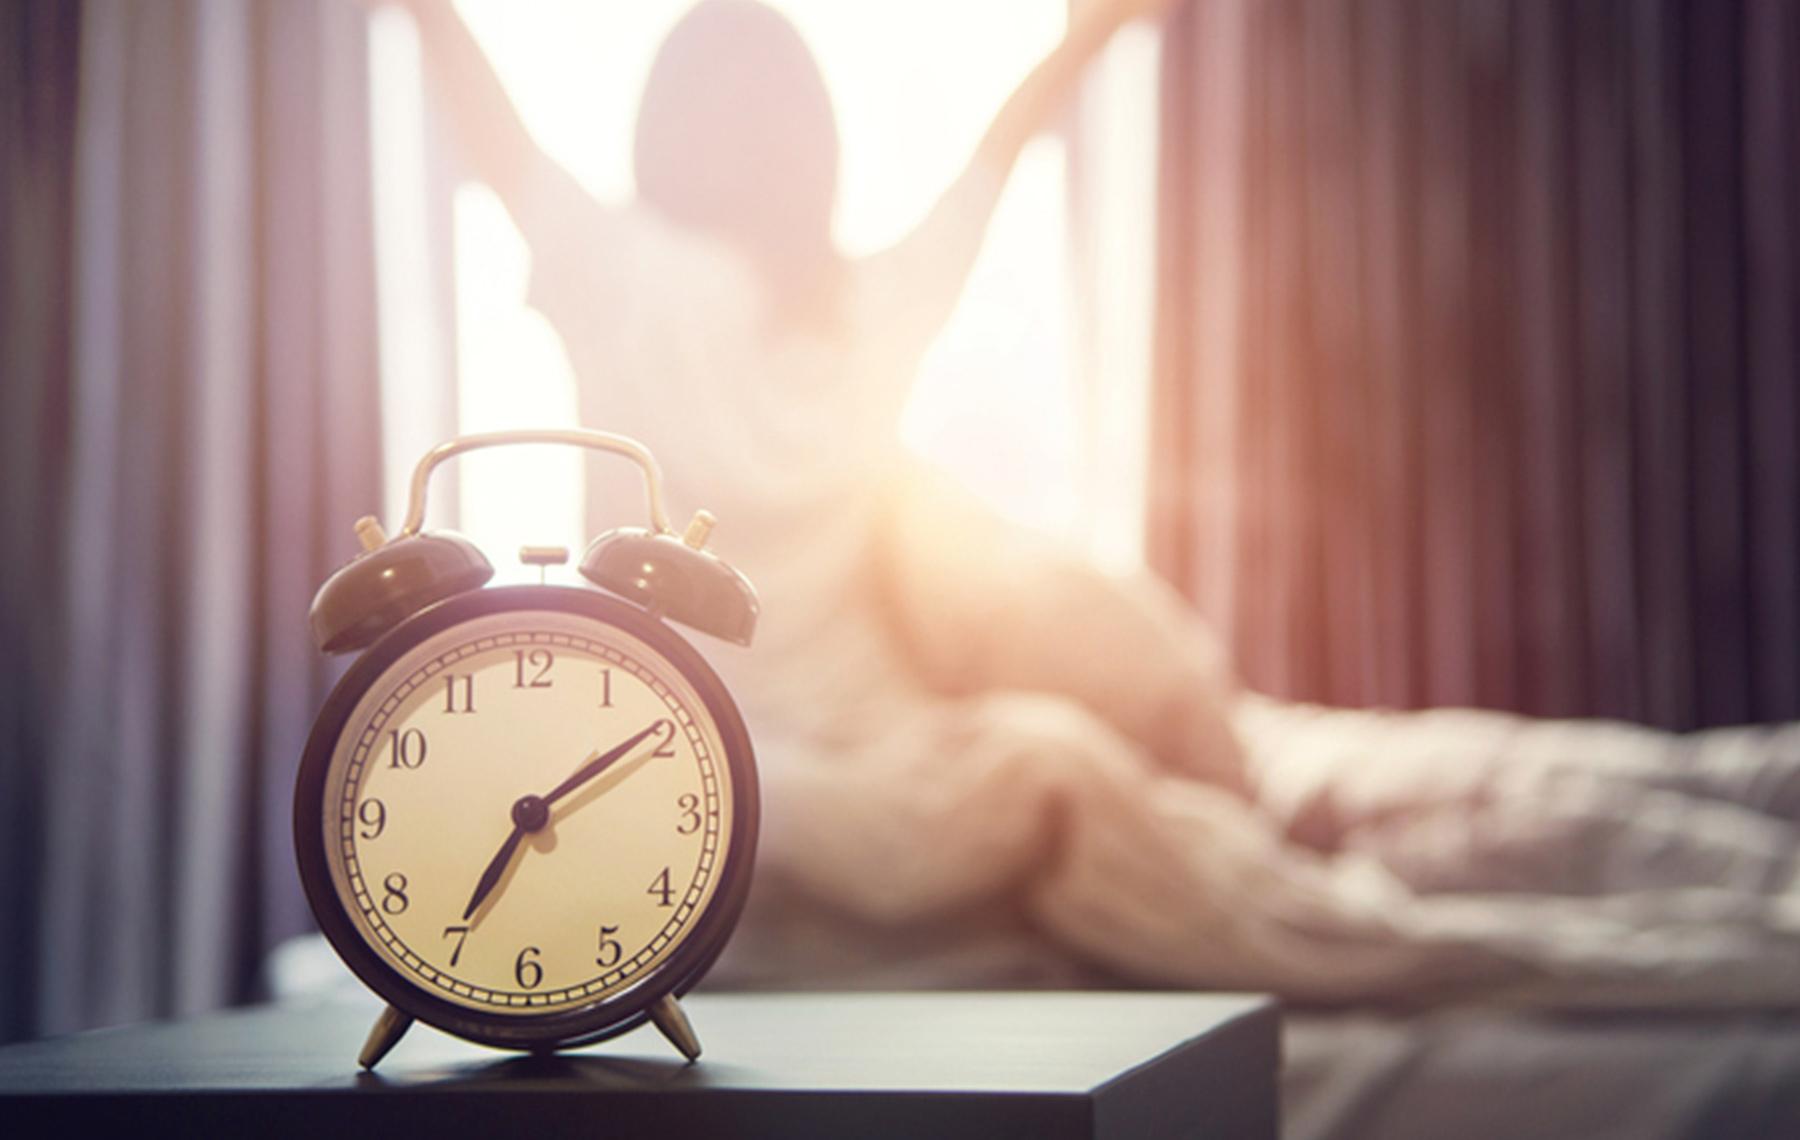 alarm clock-early bird vs night owl